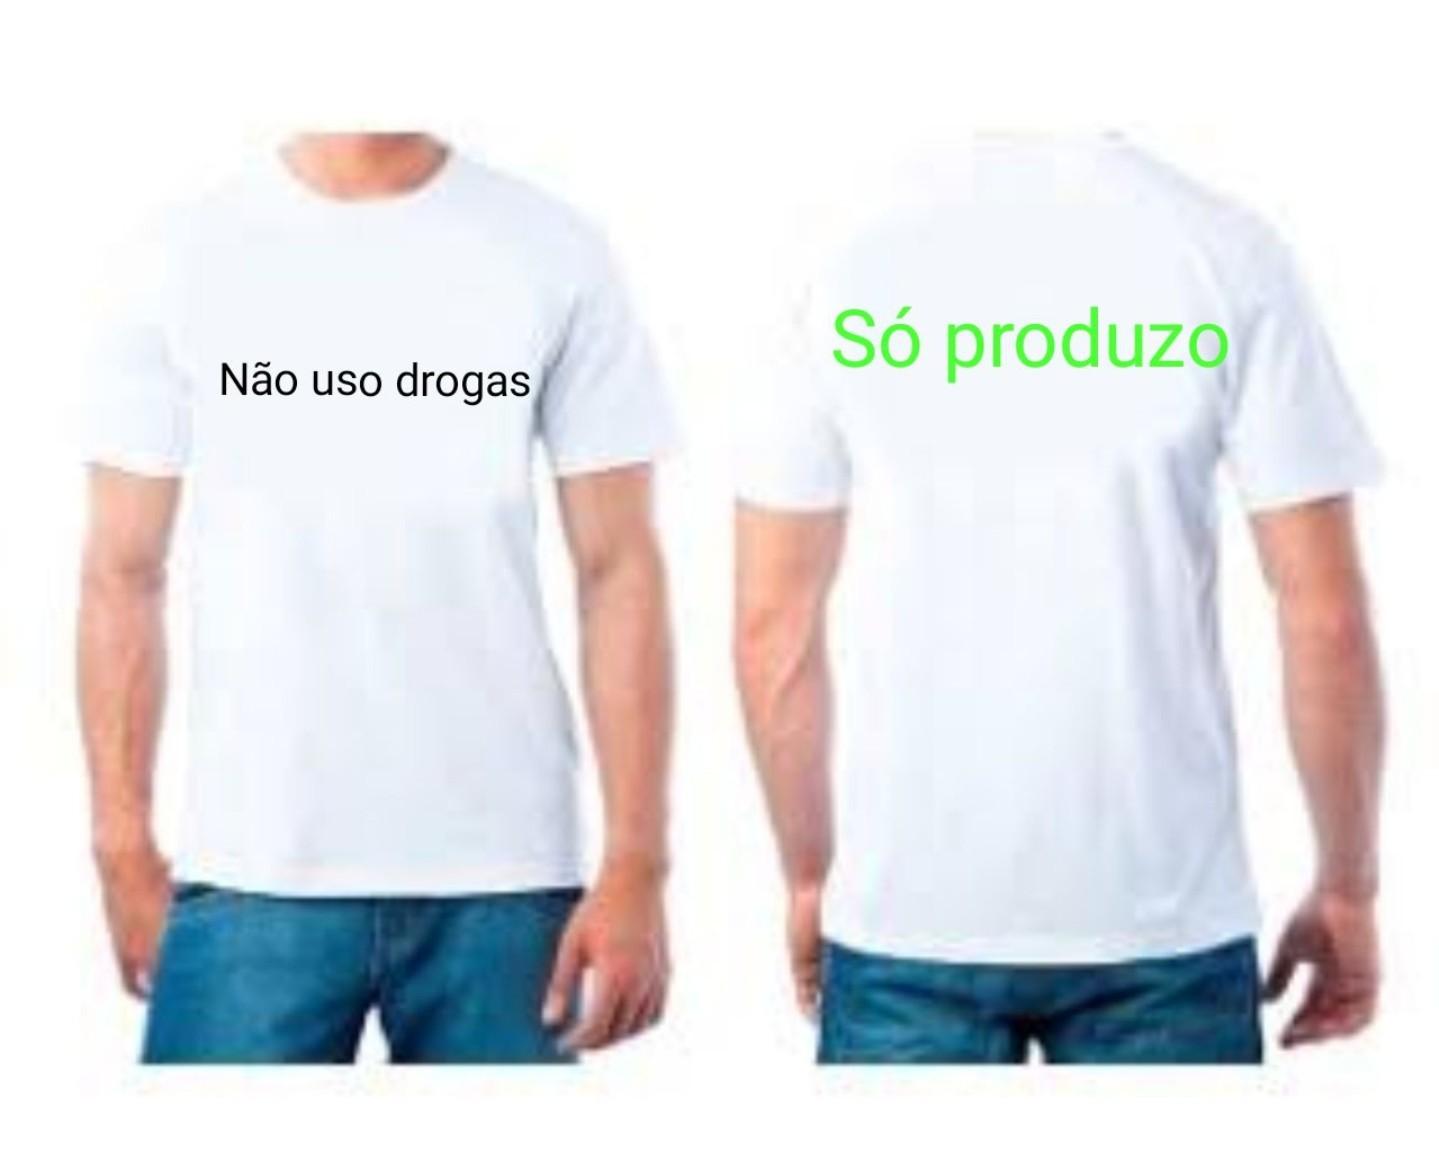 Farmacêutico - meme